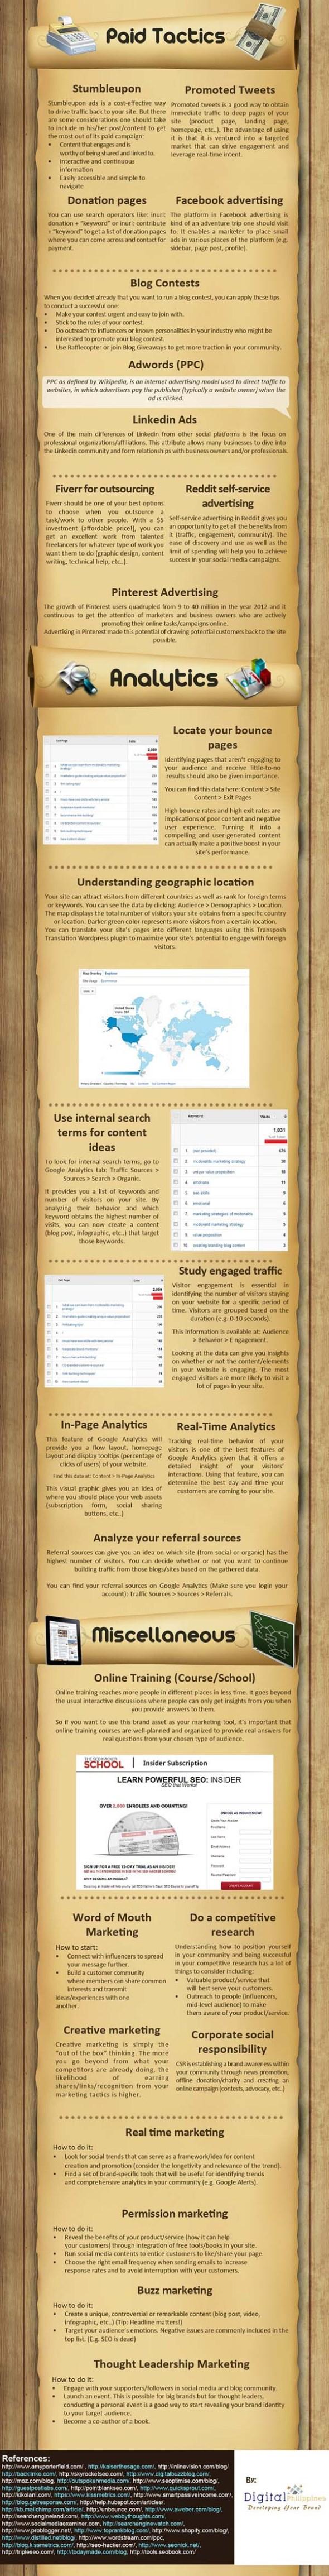 Blog Marketing - Analytics and More